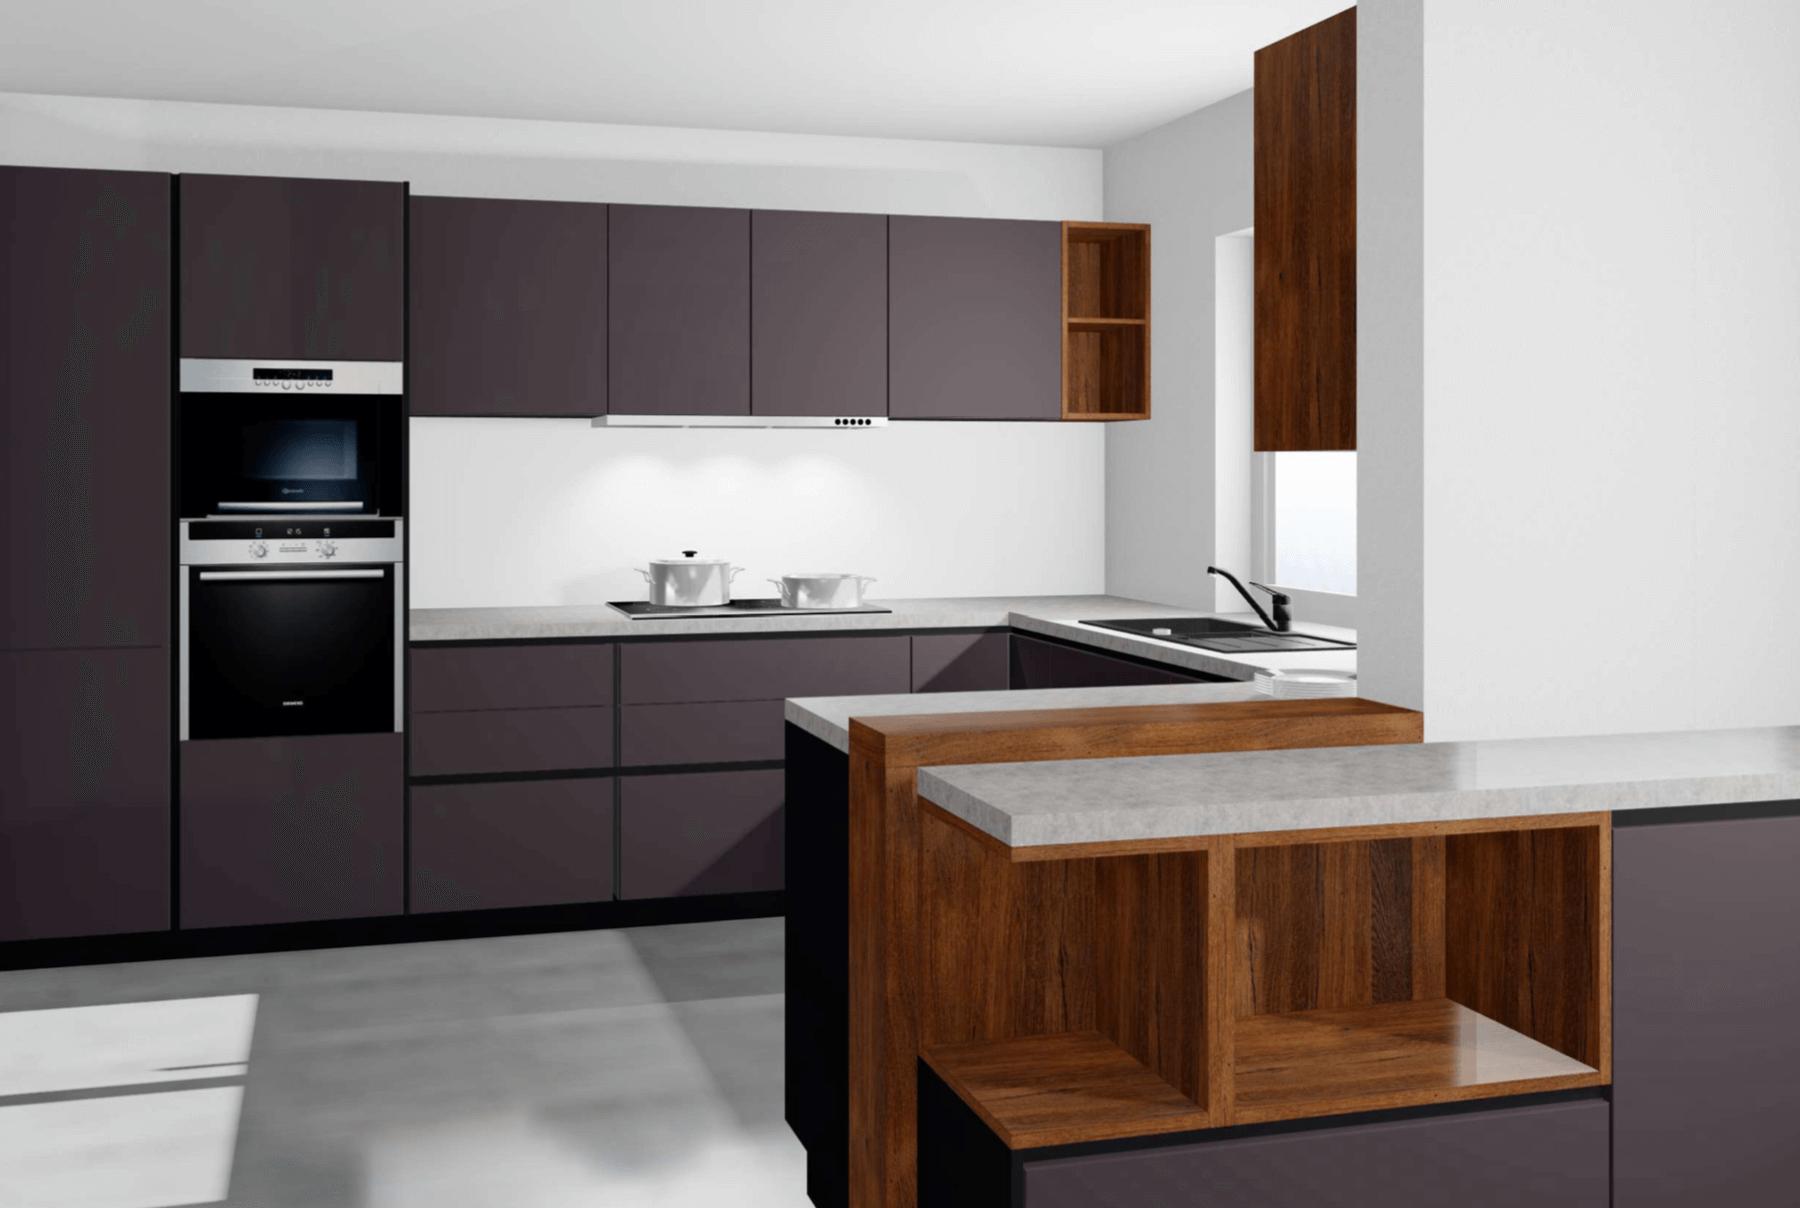 Werbung. Meine Traumküche von Alno Küchen - Modell ALNOSTAR PURE kombiniert mit einer Arbeitsplatte in Speckstein-Optik und Antikeiche-Akzenten